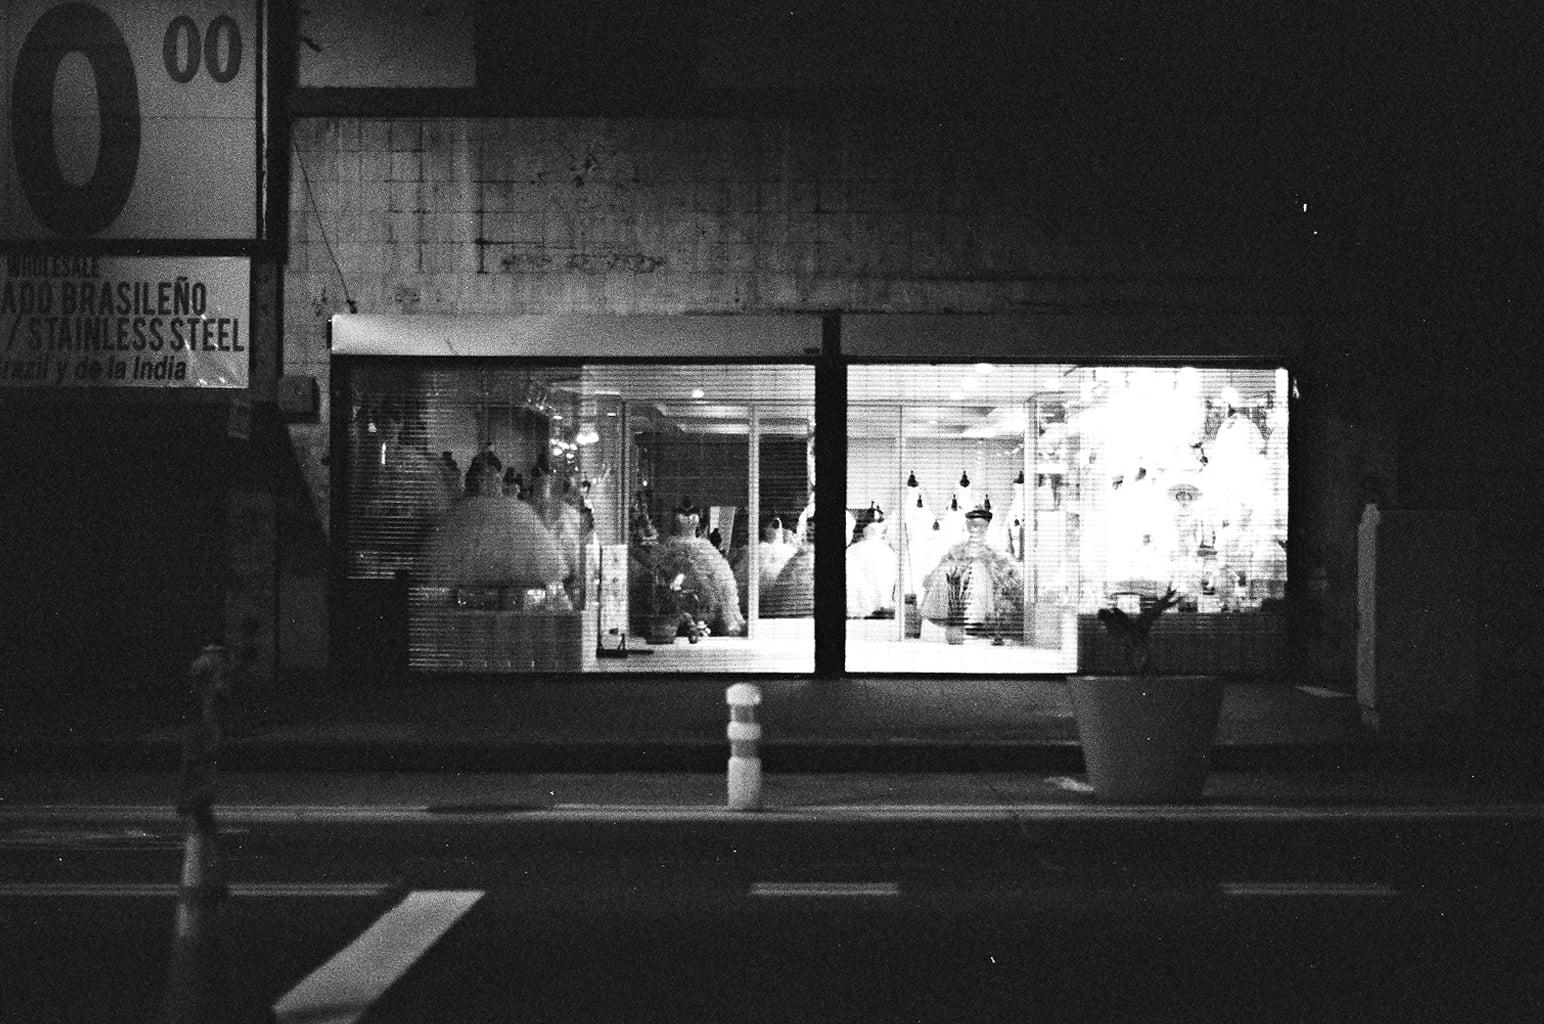 boutique-site.jpg